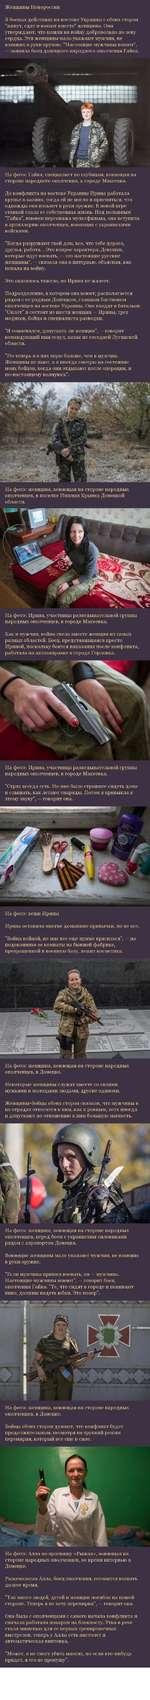 """Женщины Новороссии В боевых действиях на востоке Украины с обеих сторон """"живут, едят и воюют вместе"""" женщины. Они утверждают, что пошли на войну добровольно по зову сердца. Эти женщины мало уважают мужчин, не взявших в руки оружие. """"Настоящие мужчины воюют"""", — заявила боец донецкого народного опол"""